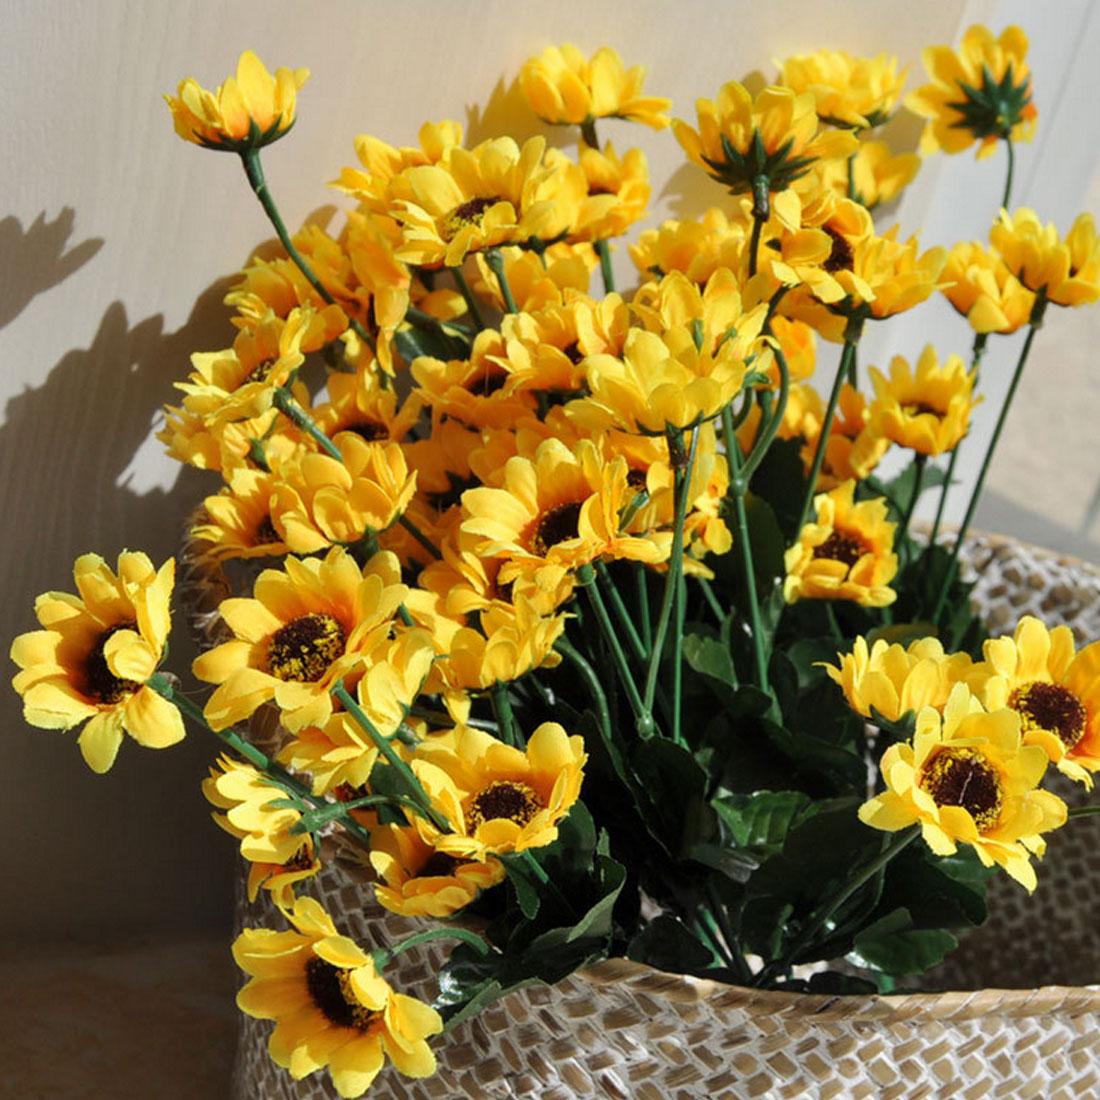 1 Bouquet Yellow Silk Sunflower Diy Flower Arrangement Home Table